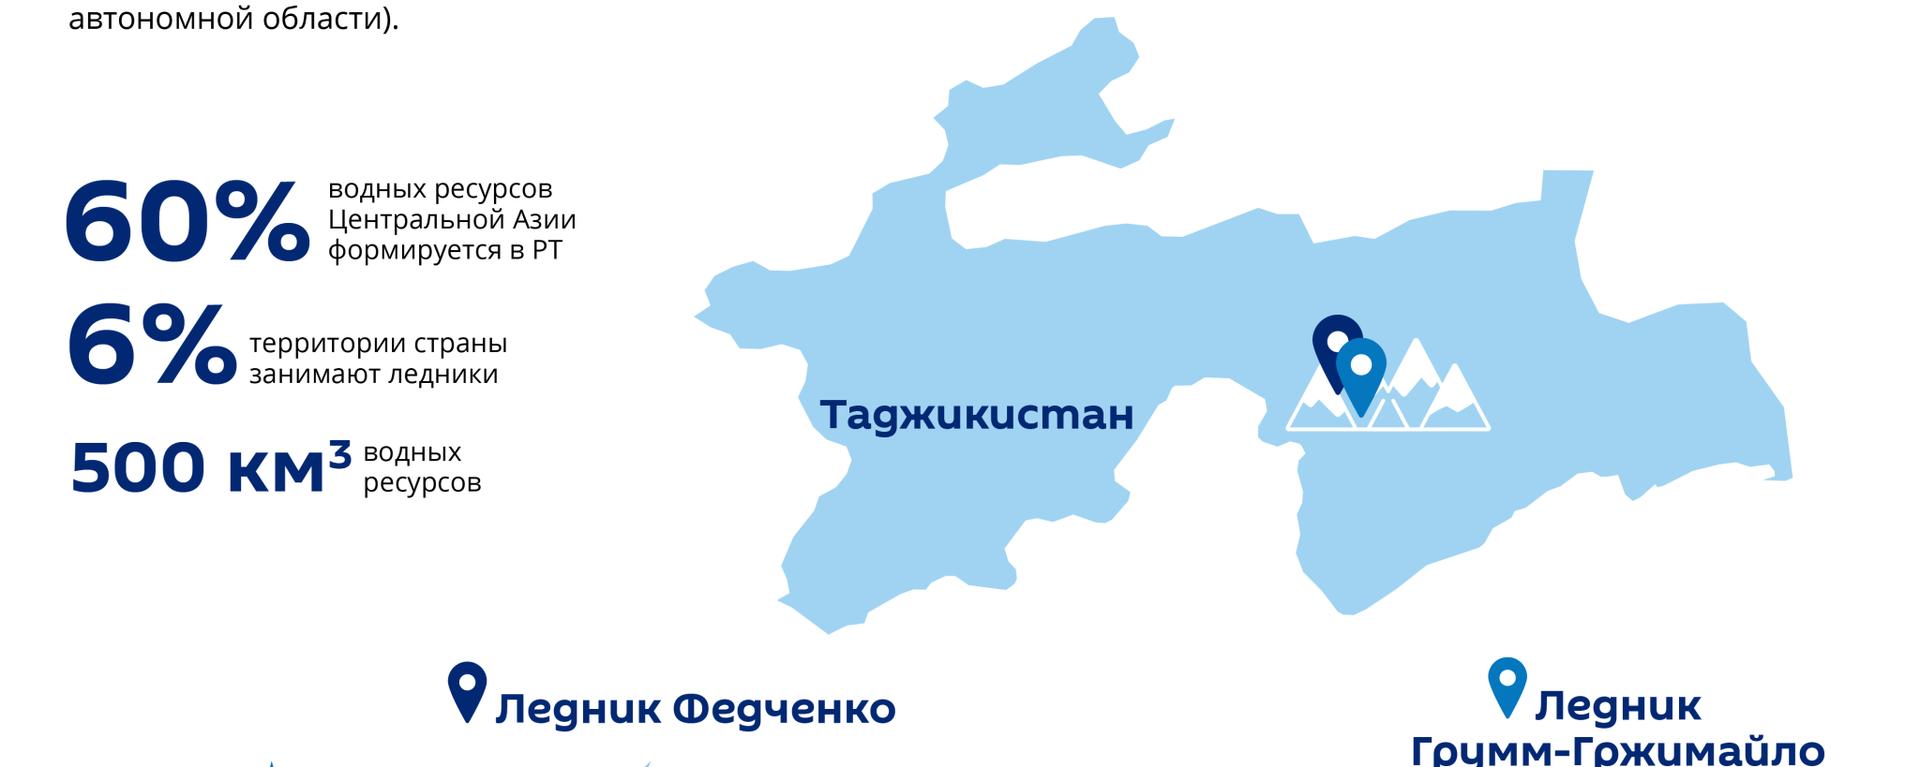 Ледники Таджикистана - Sputnik Таджикистан, 1920, 11.02.2020